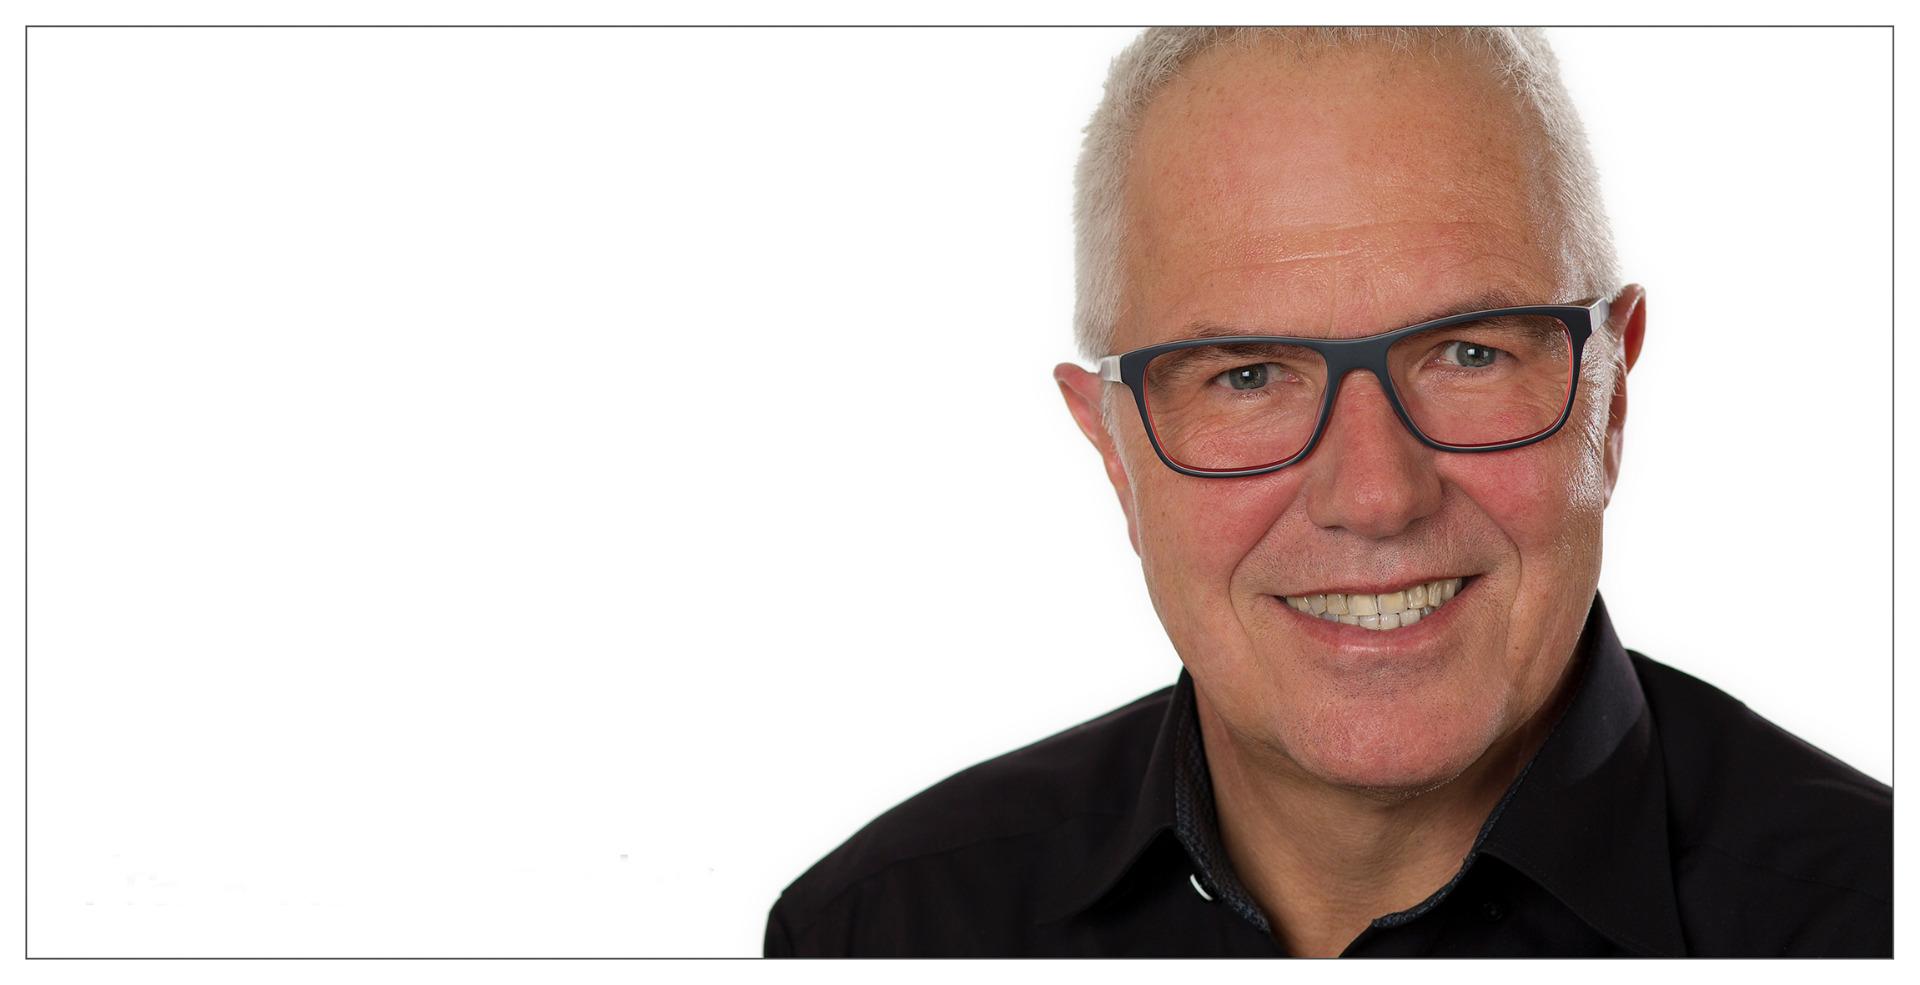 Frank Kuchenbecker